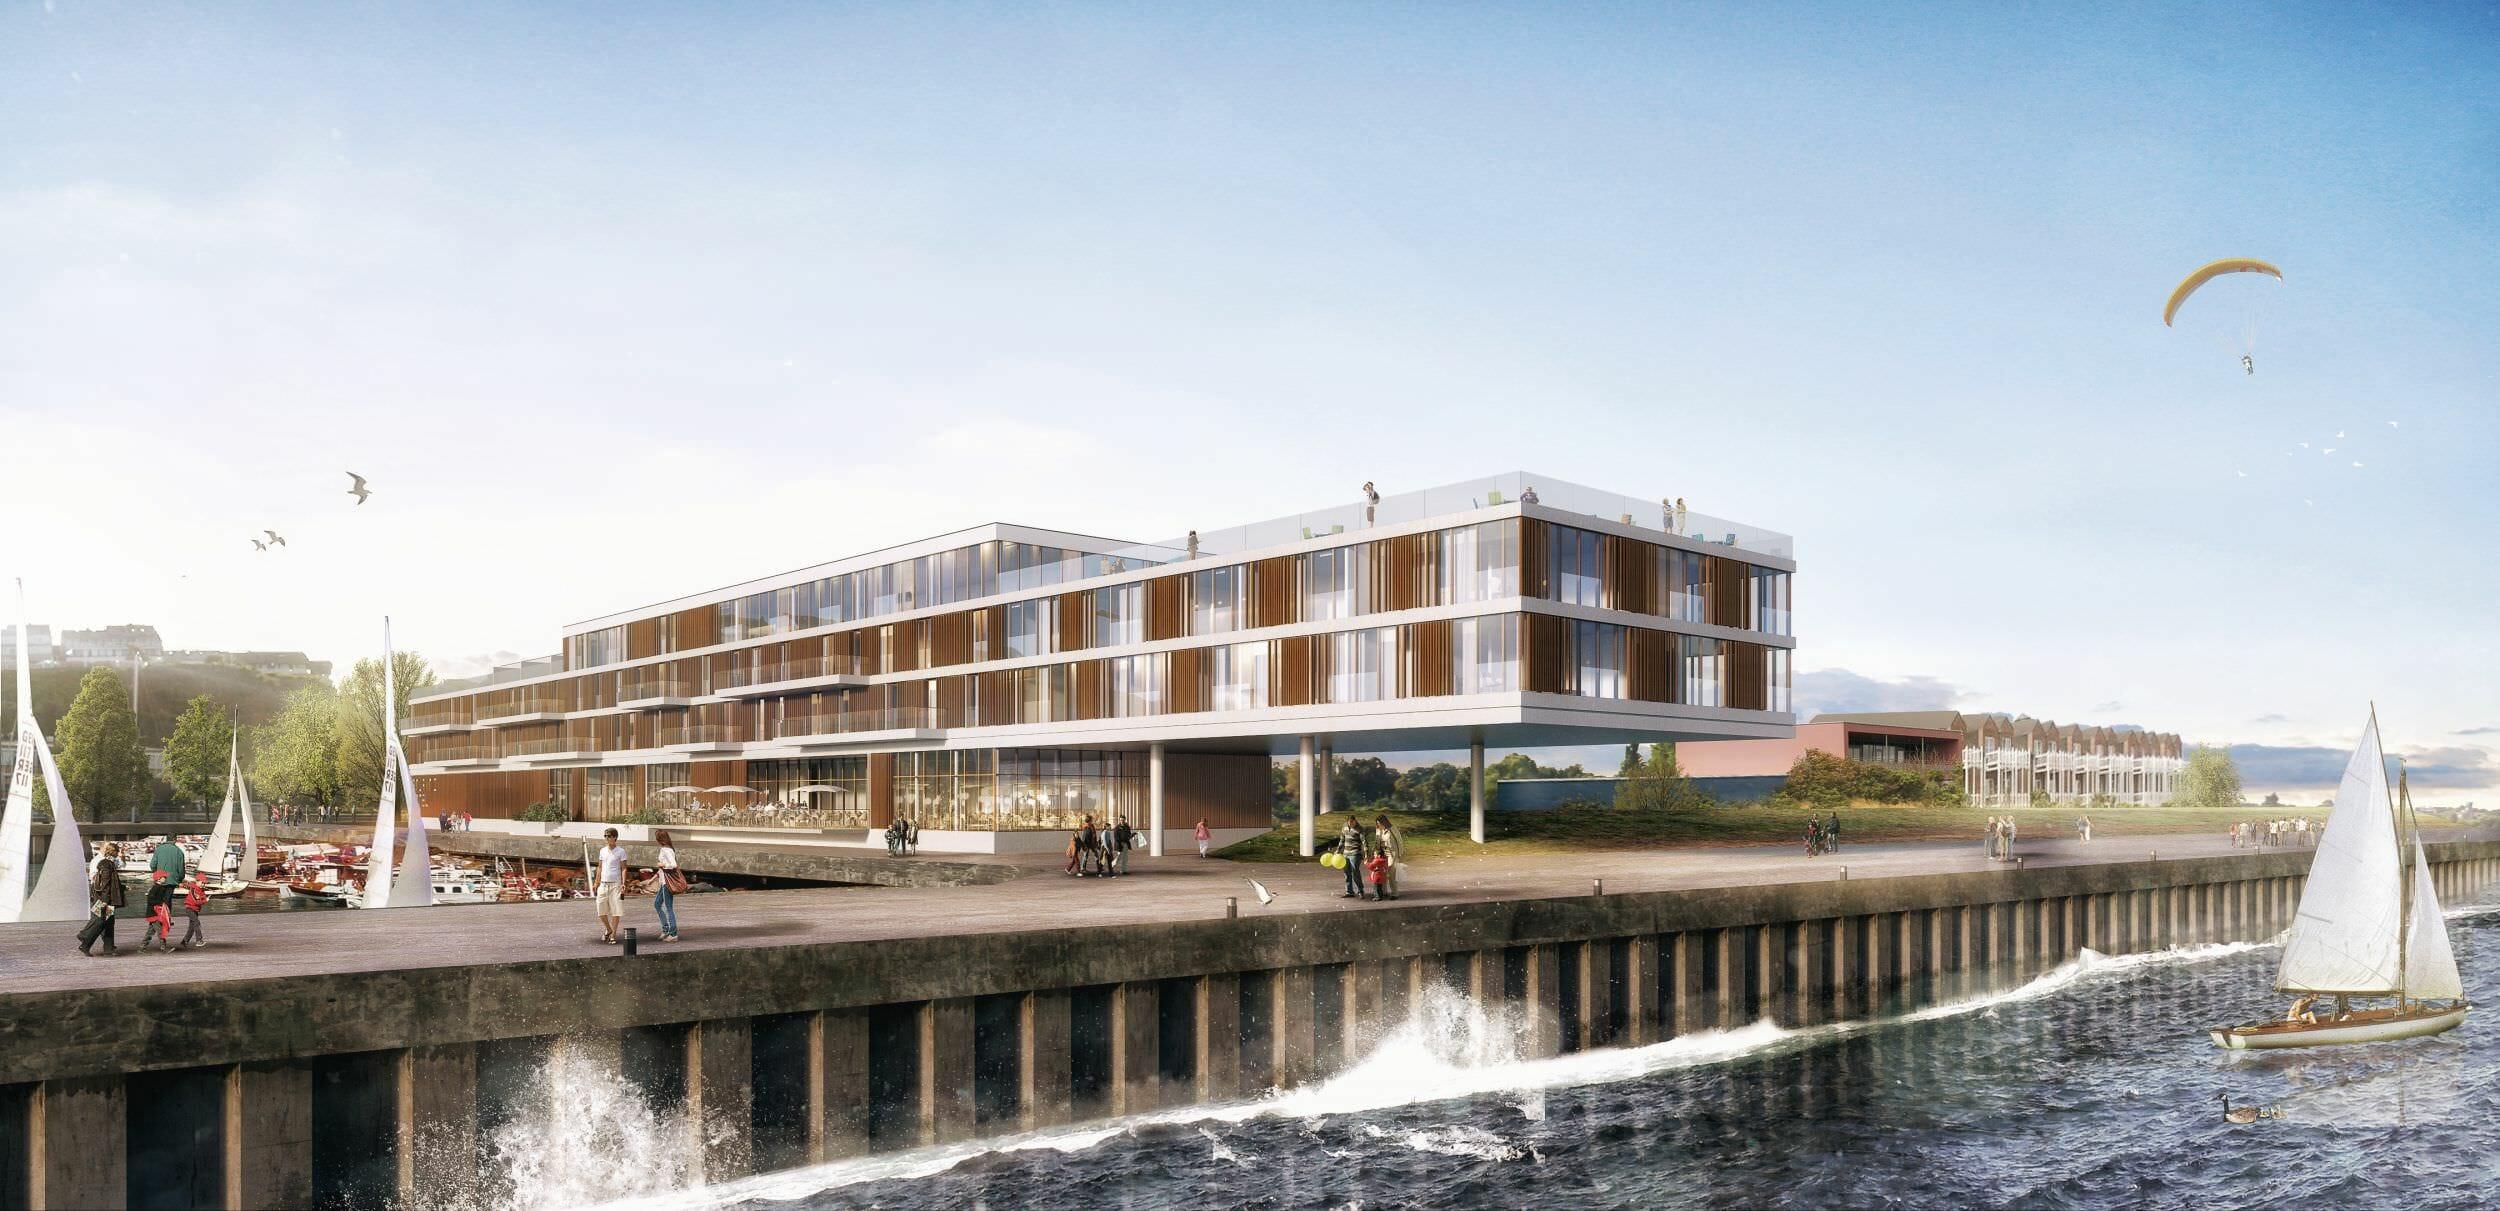 Hotel h gmd architekten bremen - Architekten bremen ...